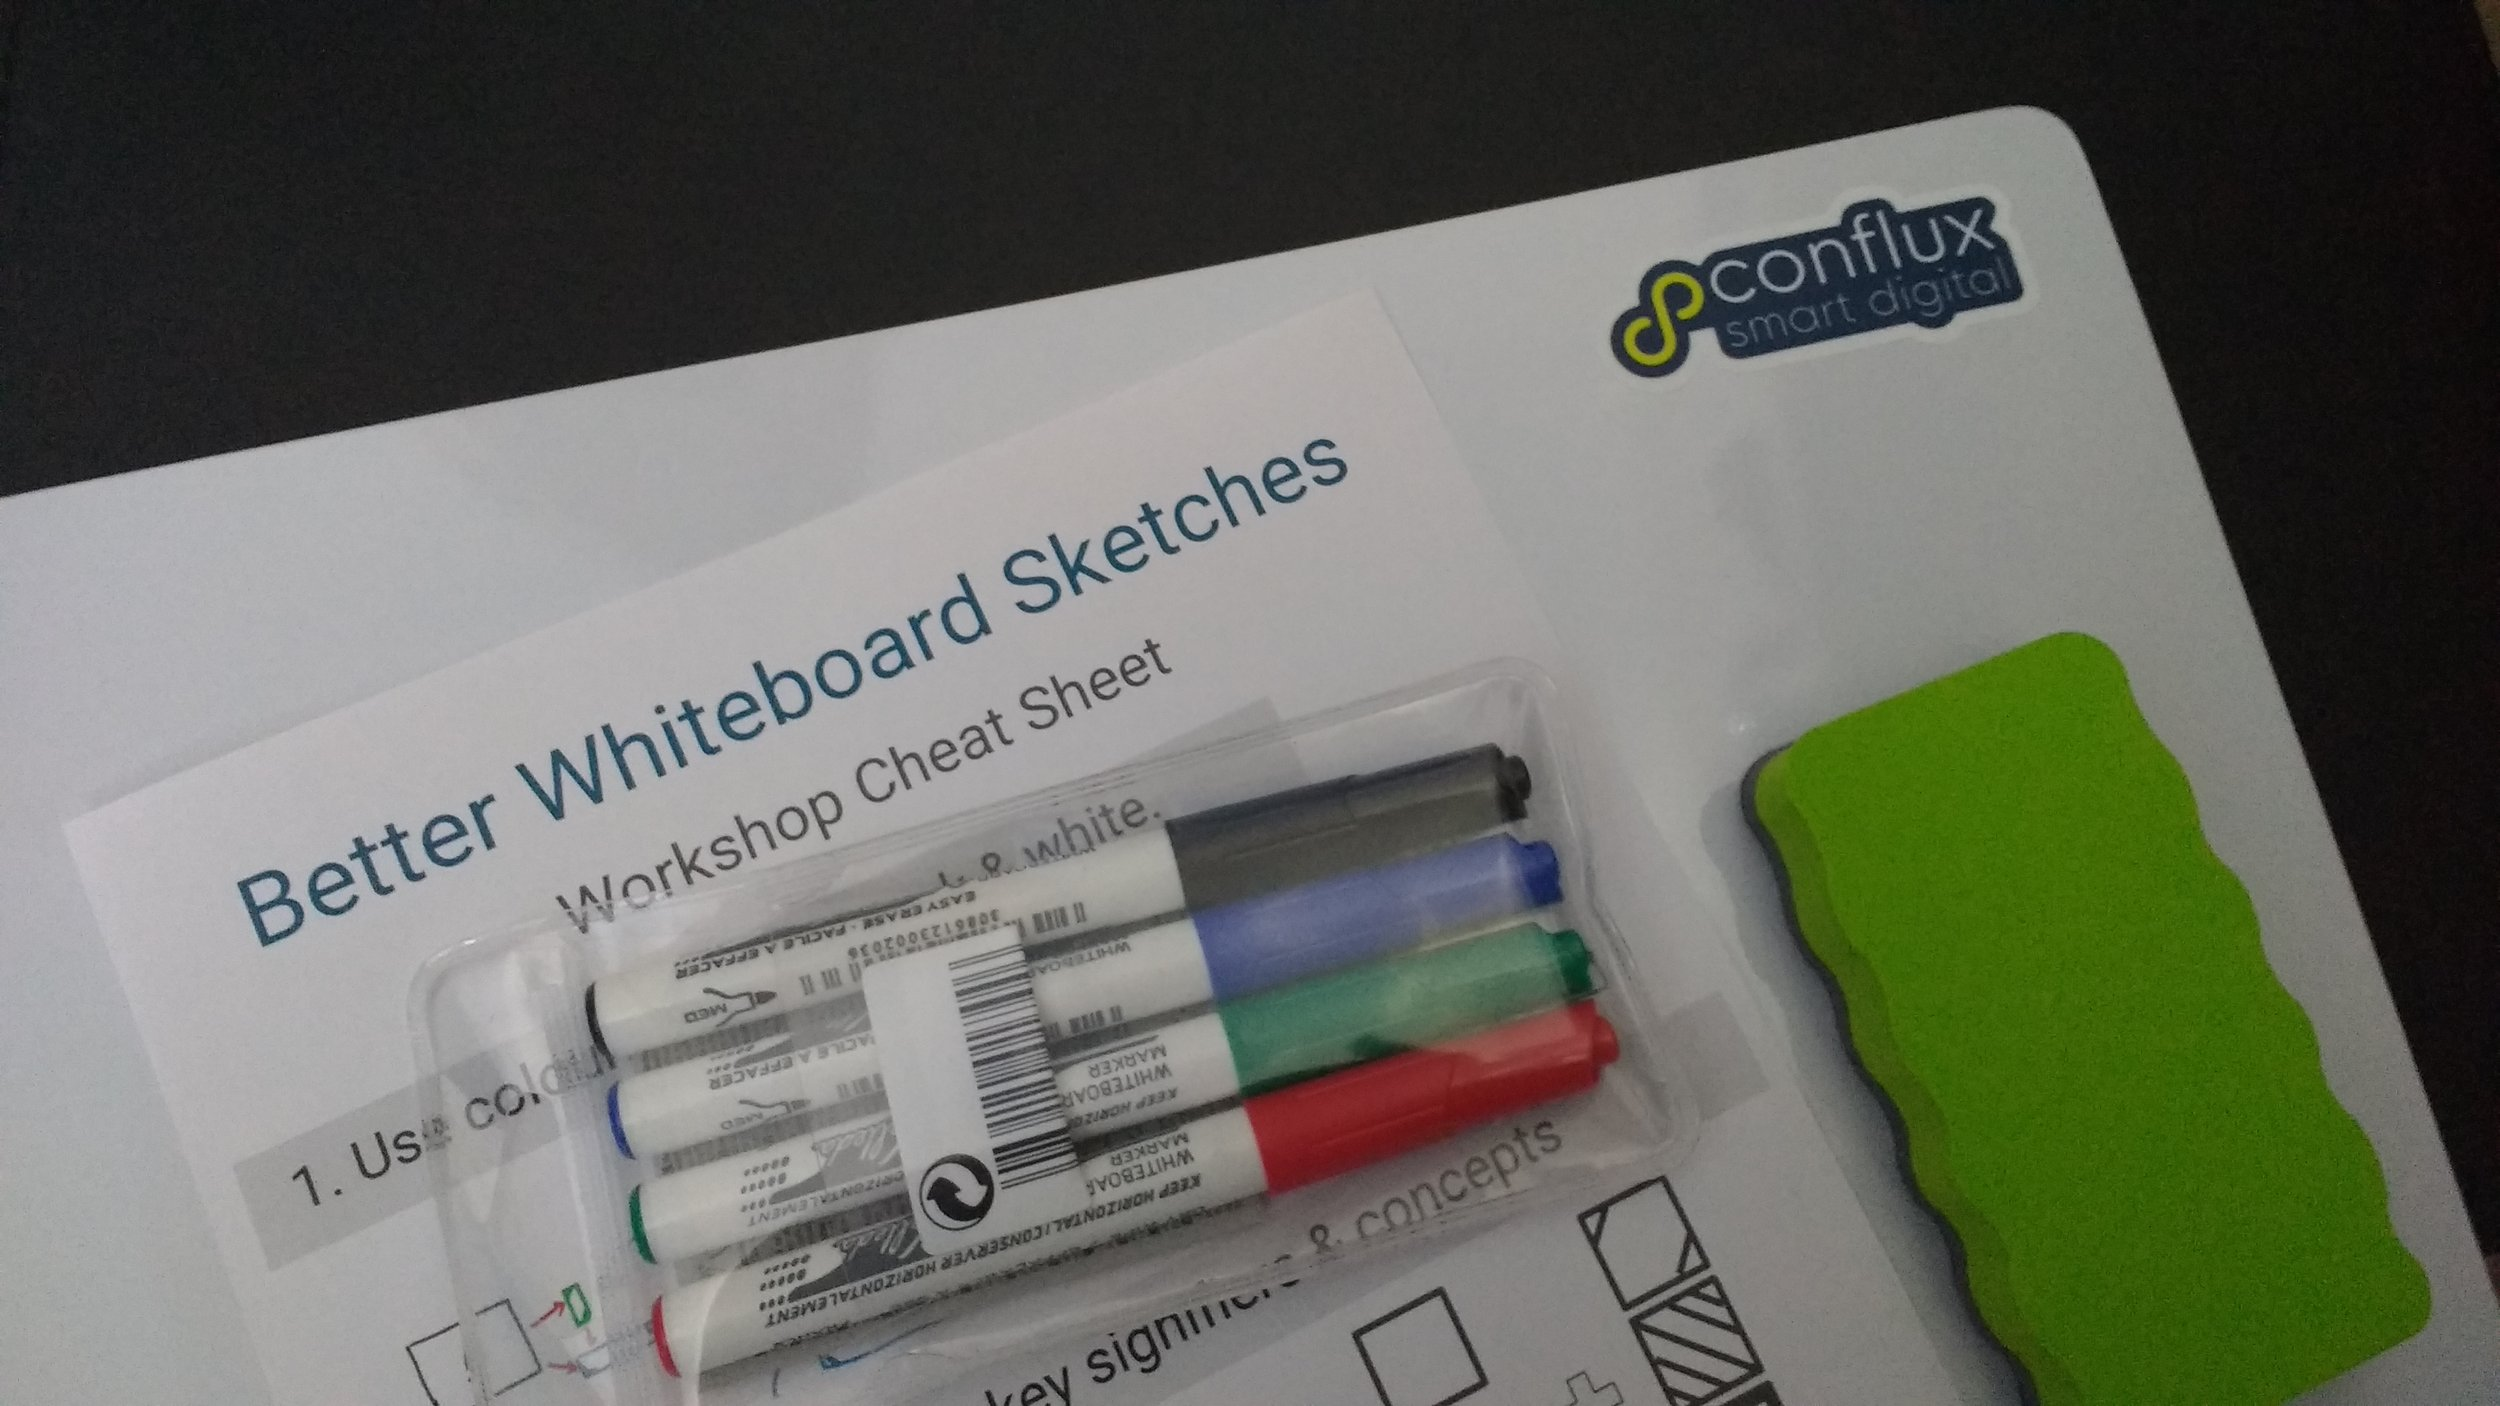 Better-Whiteboard-Sketches--teaser.jpg